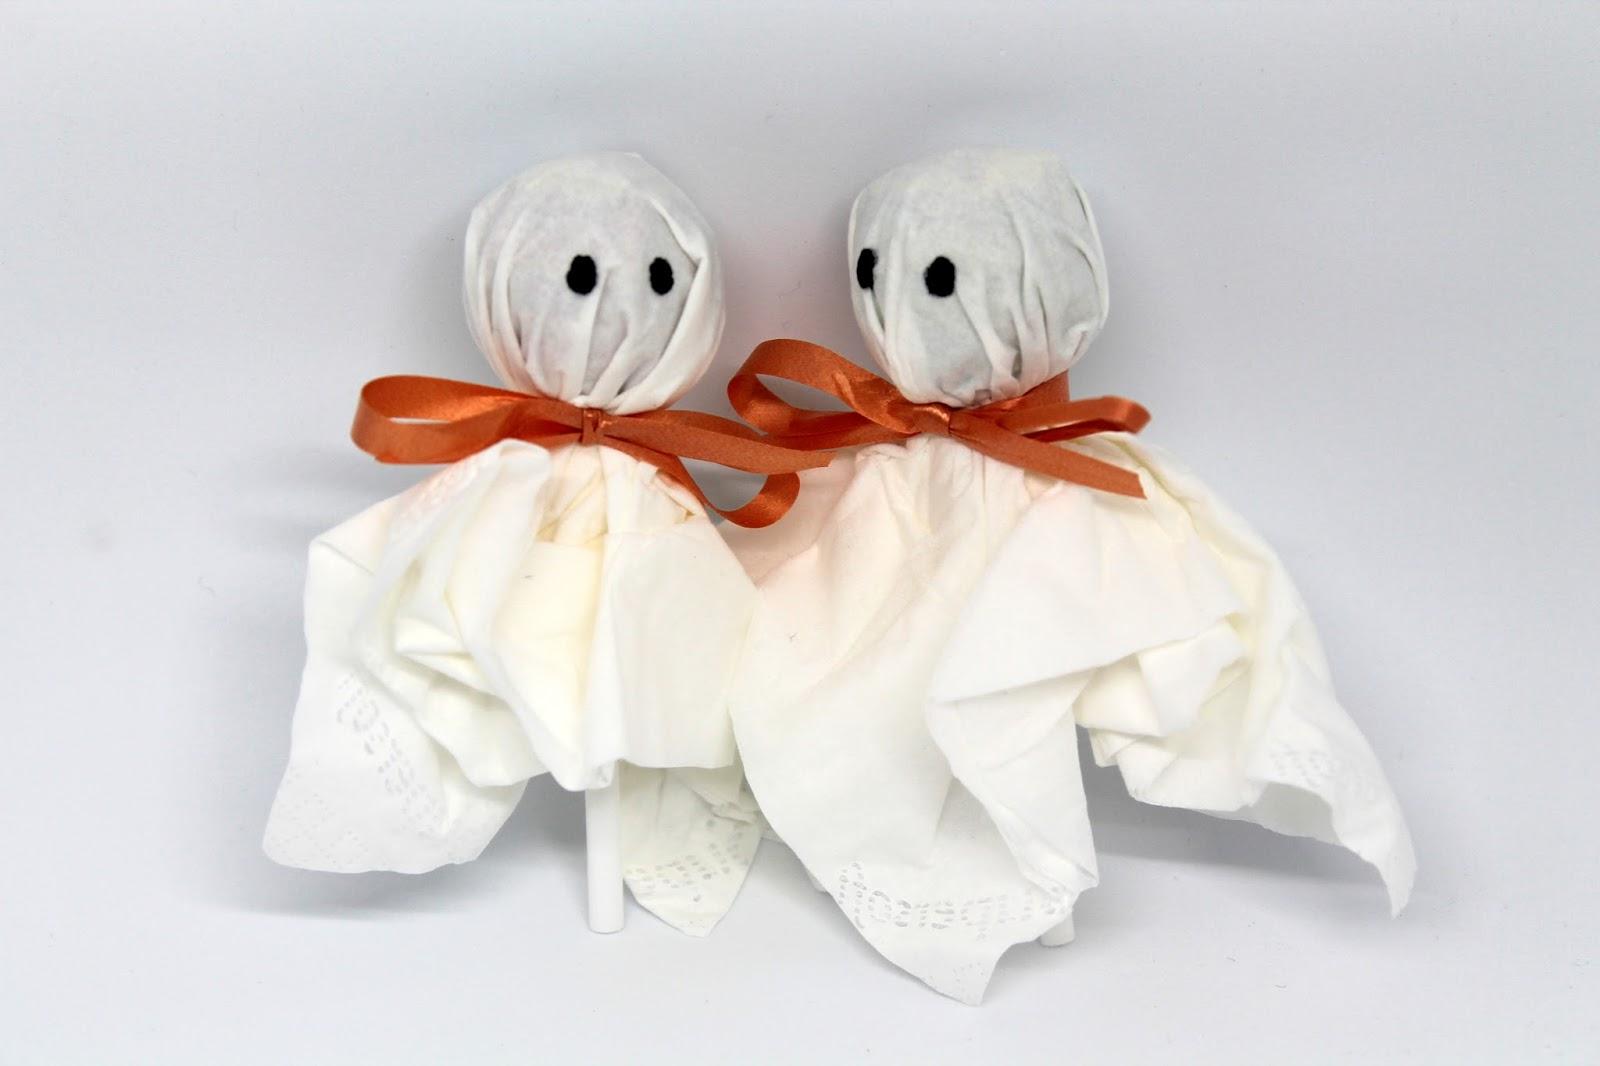 Brilliant Geschenke Basteln Mit Kindern Bastelideen Foto Von Diy, Basteln: Lolly Gespenster In Halloween, Herbst,